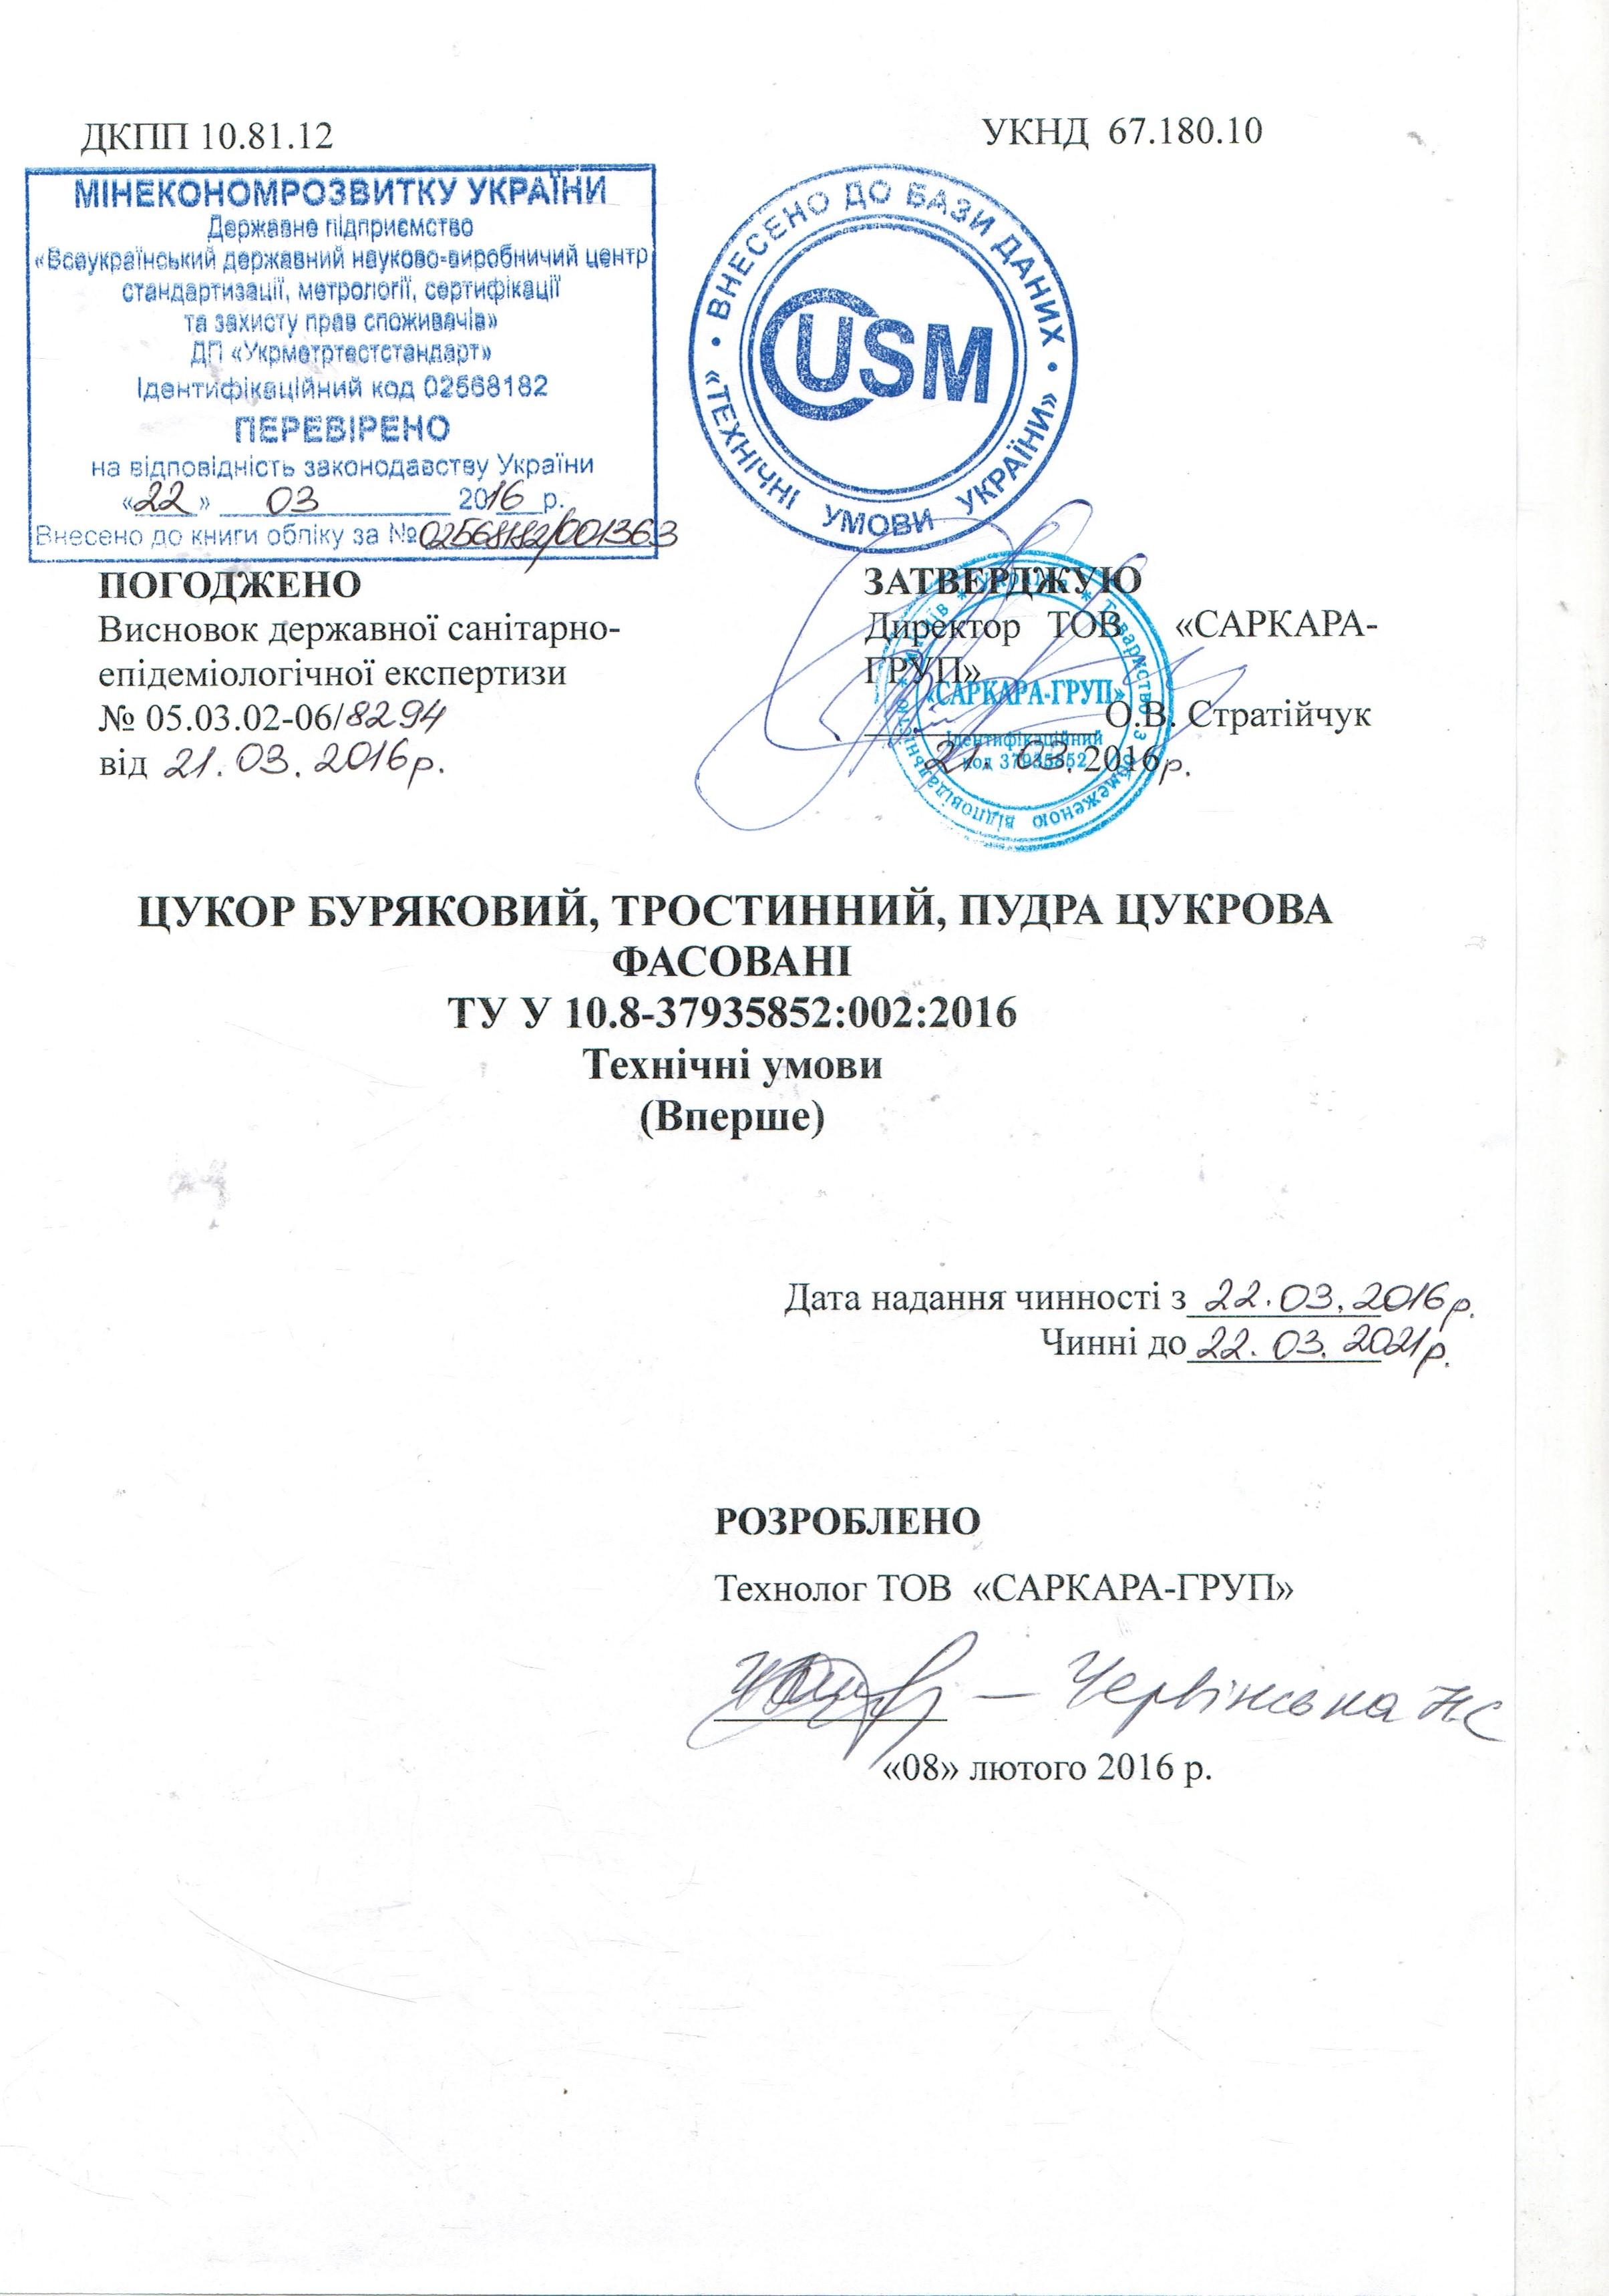 Саркара-Груп, ООО